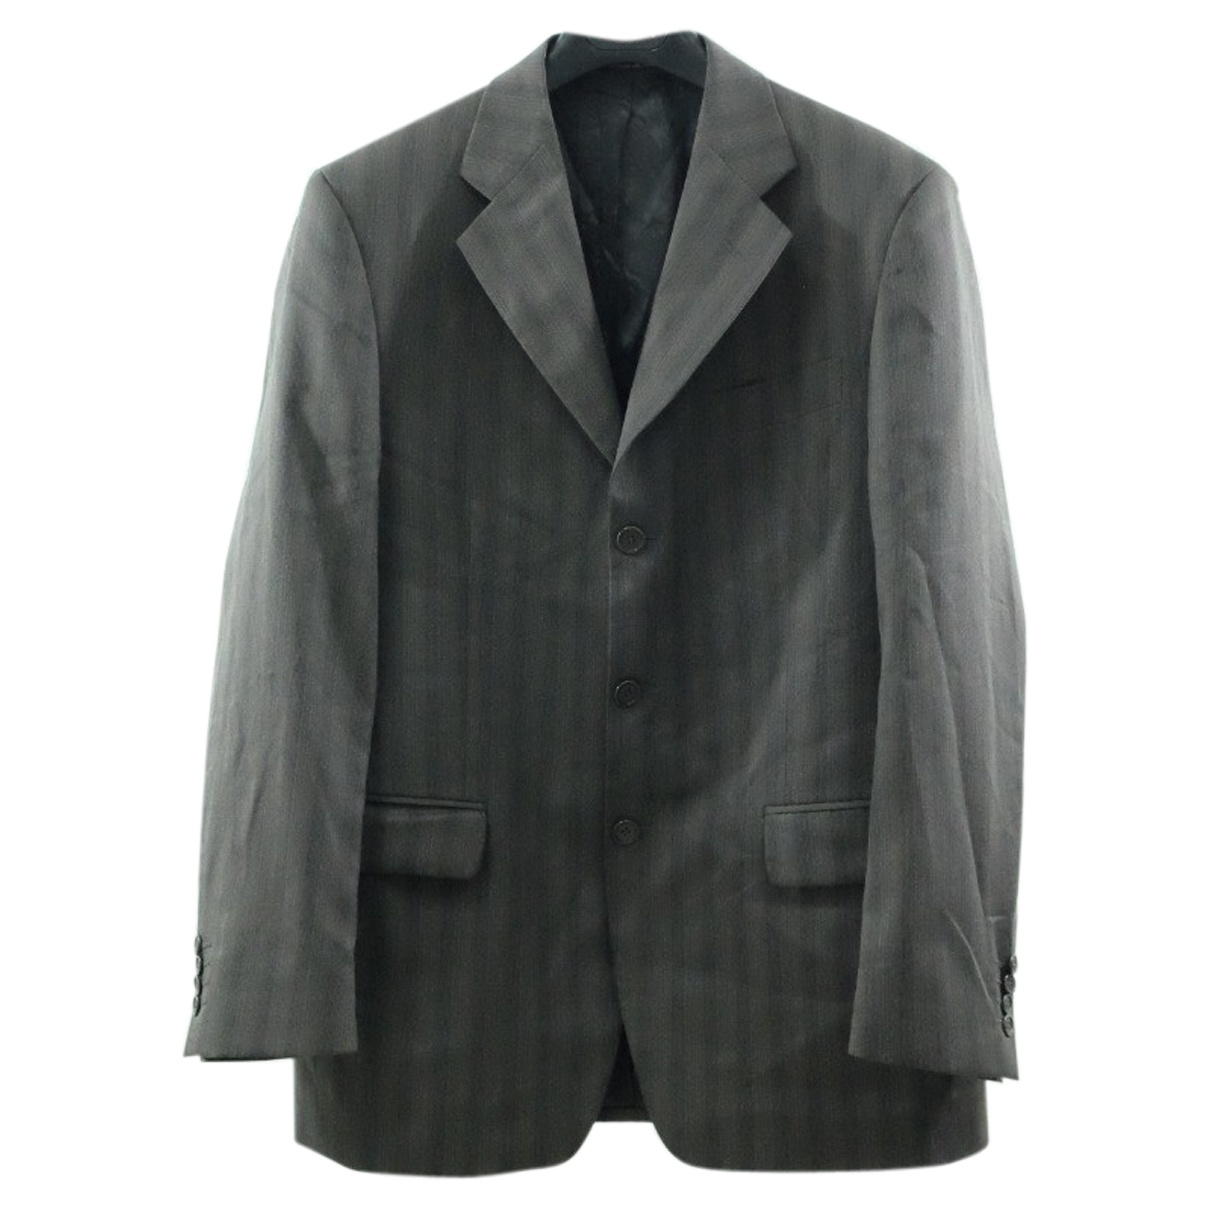 Emilio Pucci \N Jacke in  Grau Wolle